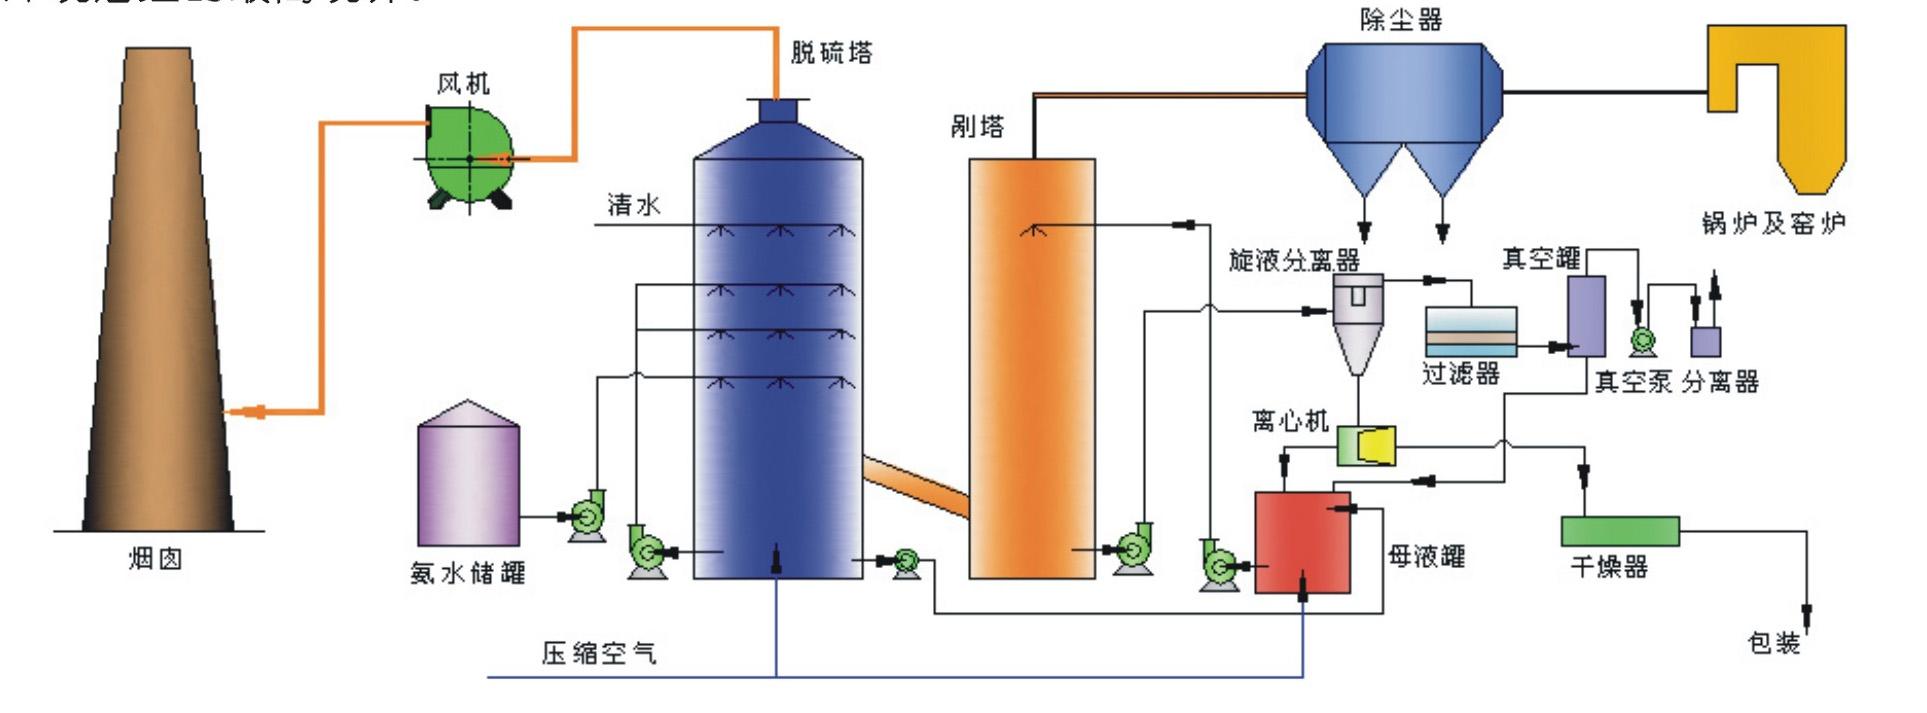 氨法脱硫.jpg